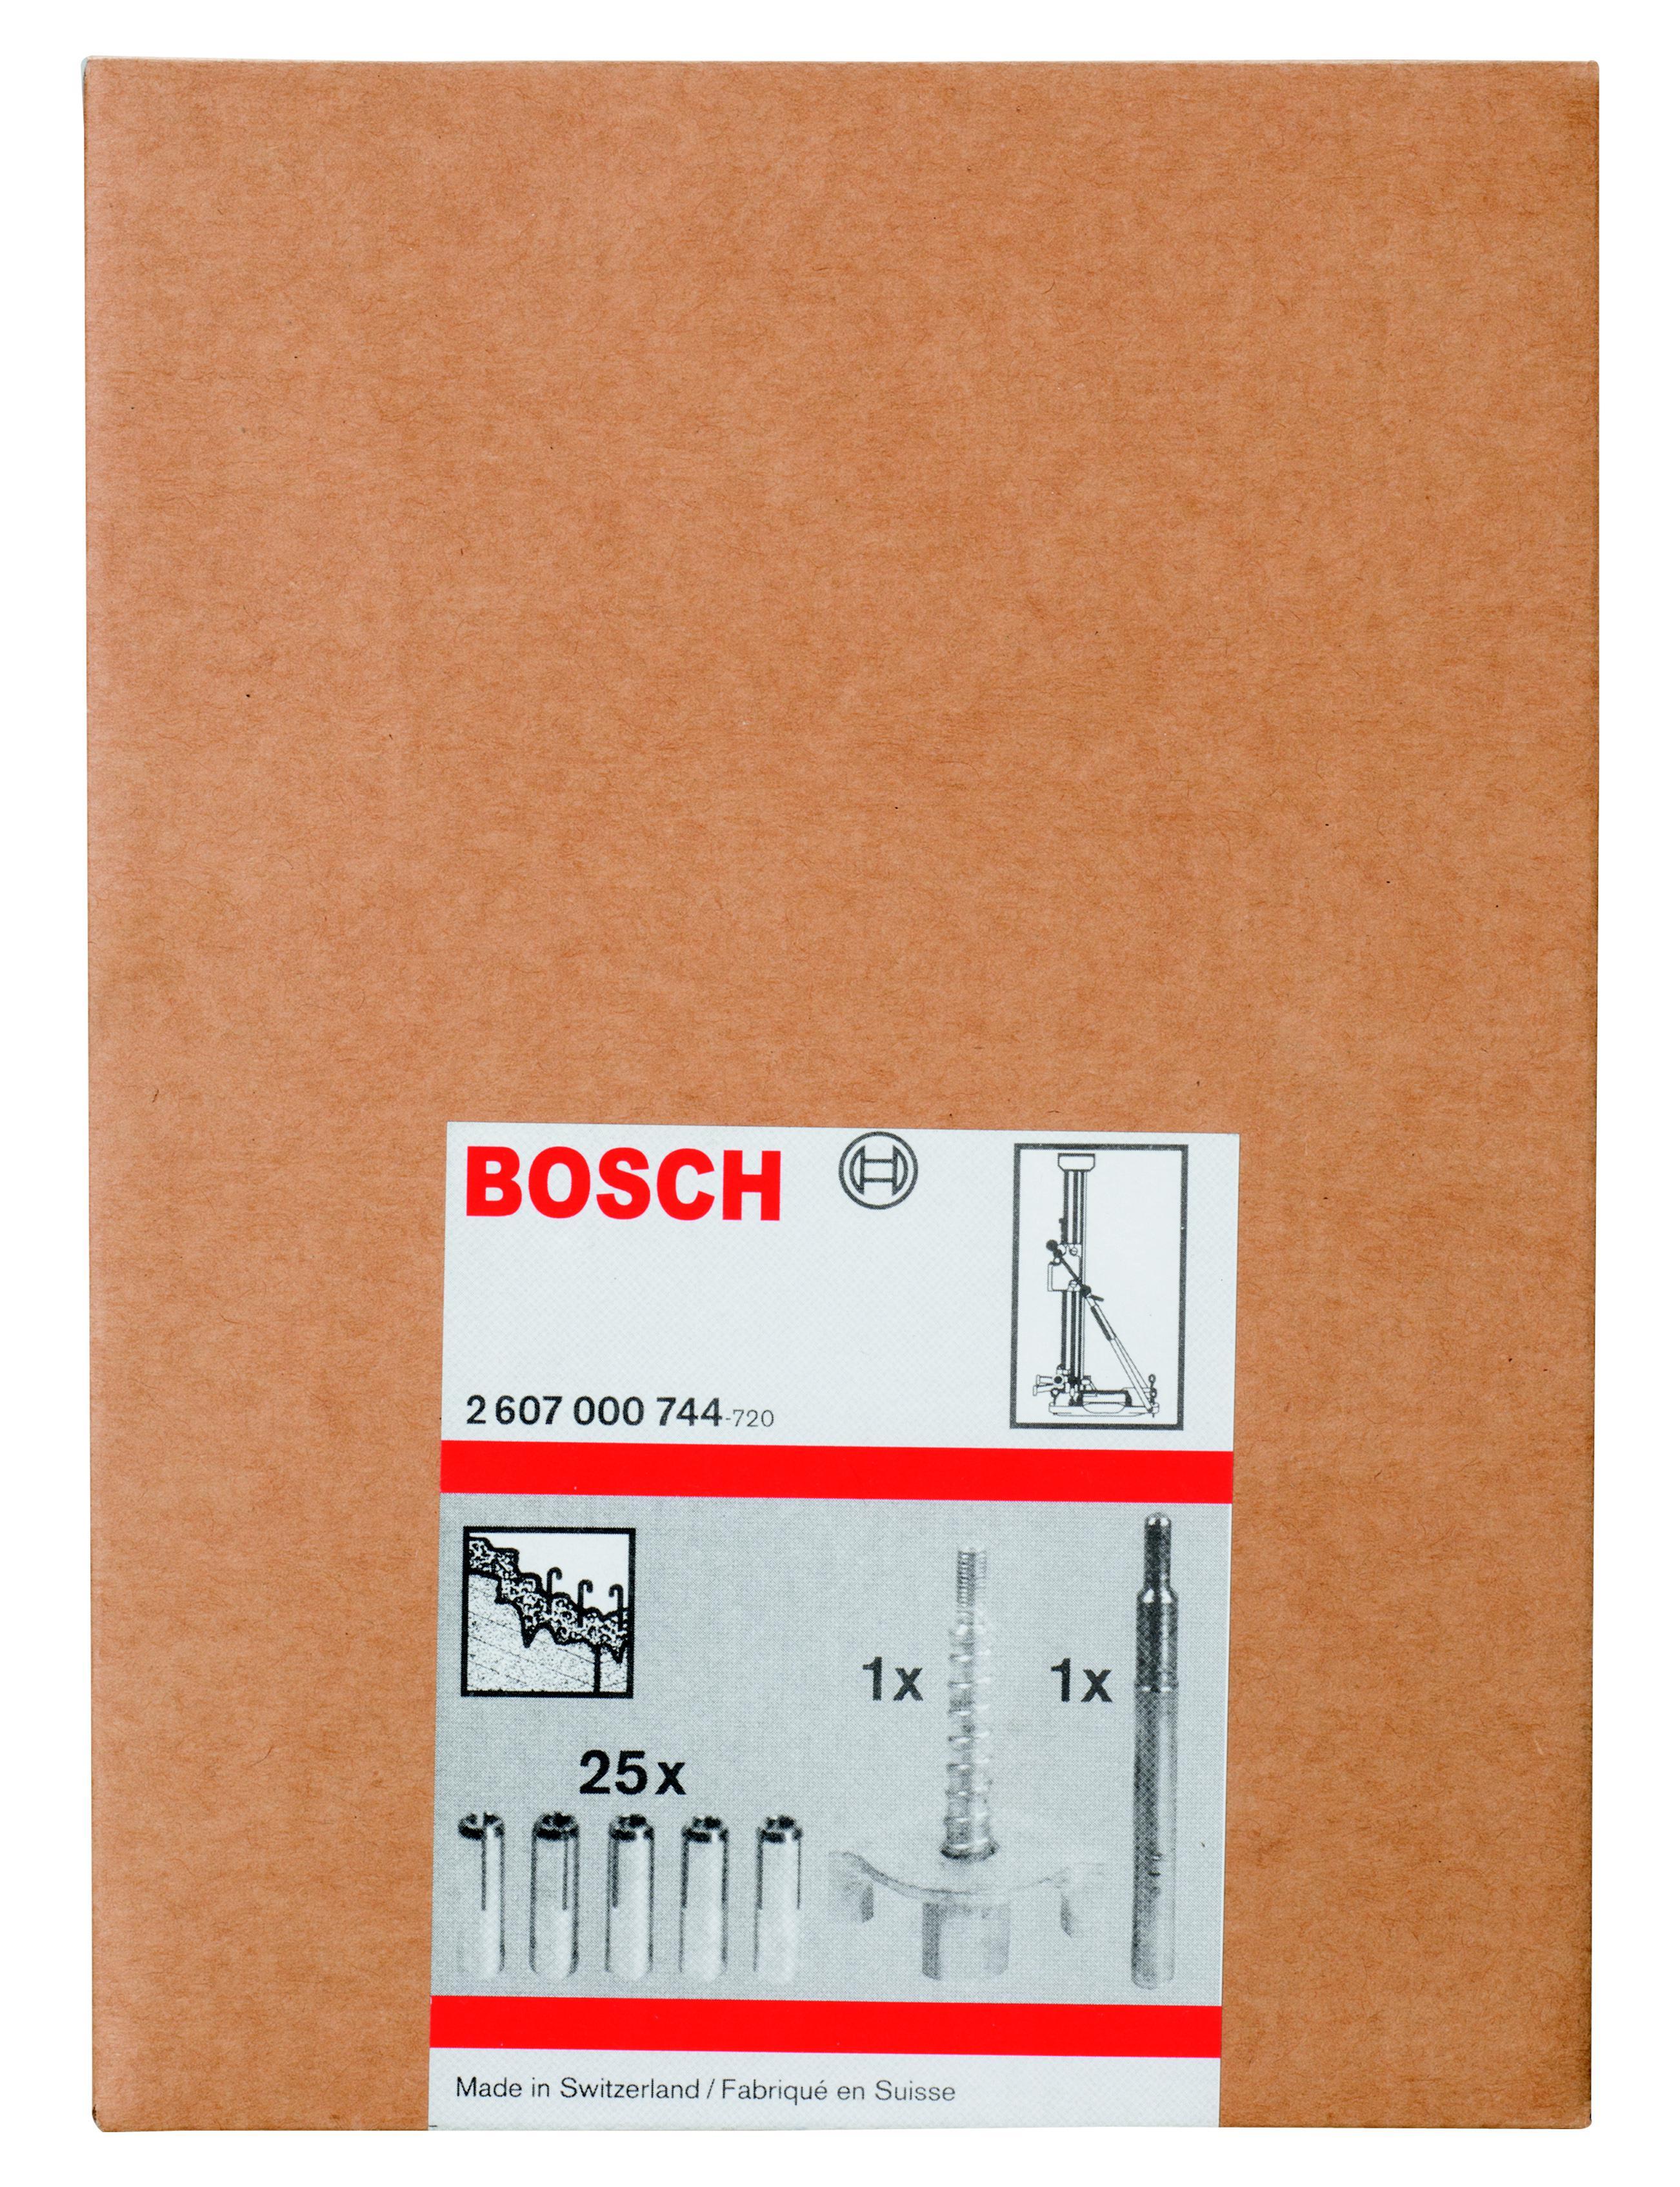 Набор крепежный по бетону Bosch крепежный для gdb (по бетону)(2.607.000.744) набор крепежный bosch wmz 2200